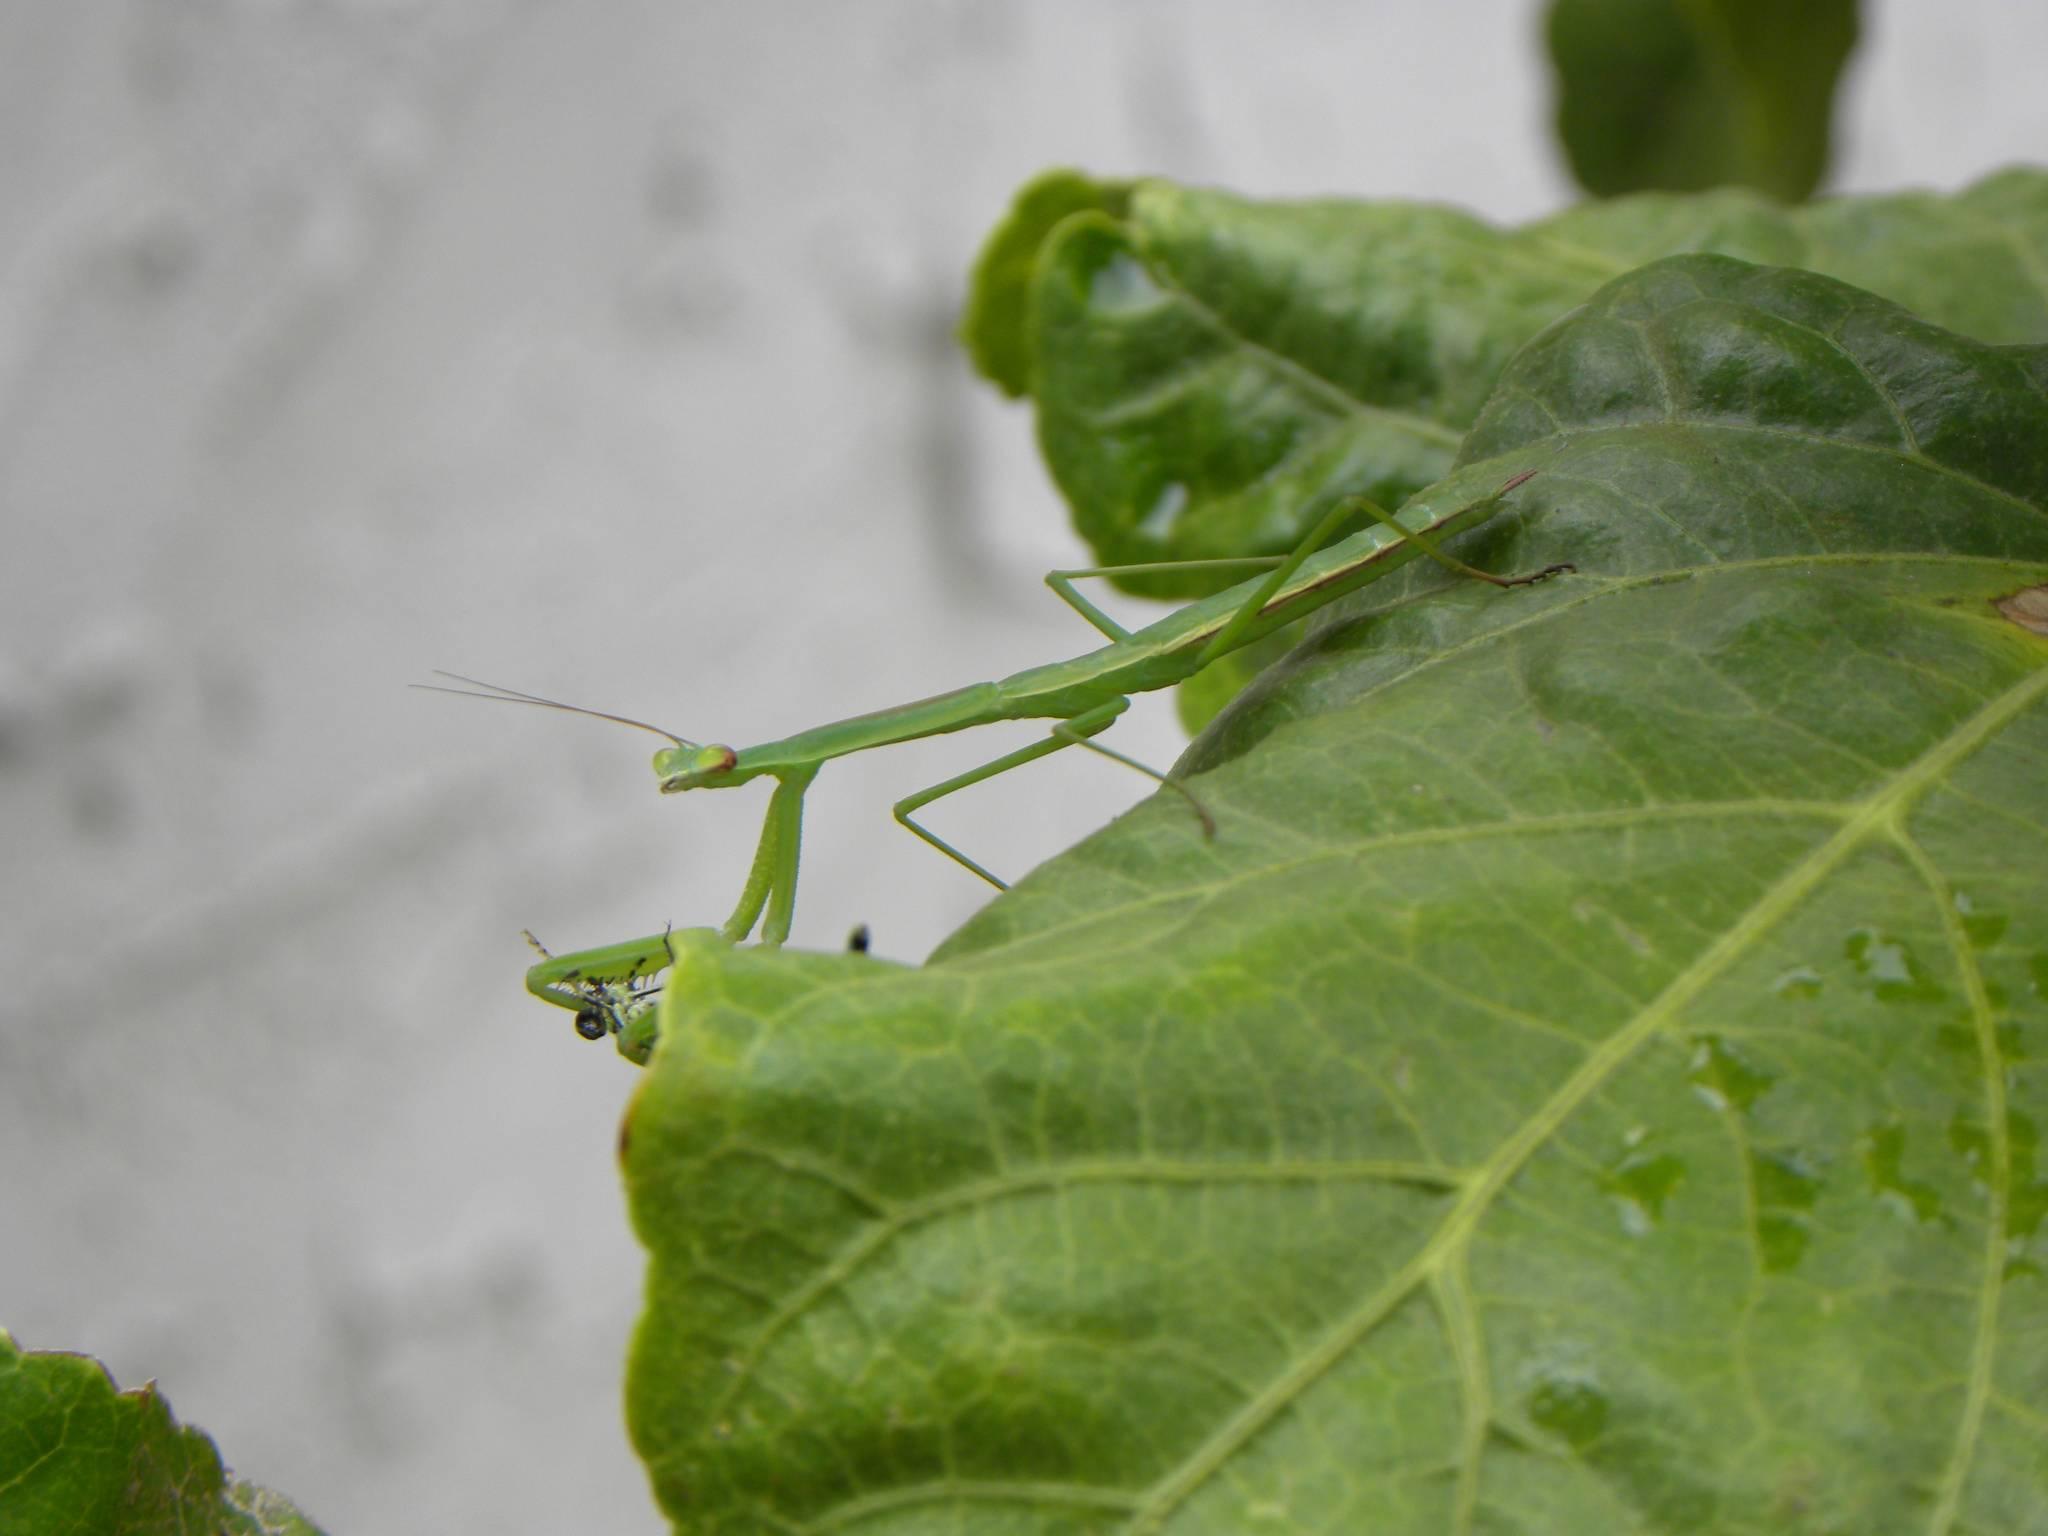 Praying Mantis Eating Breakfast